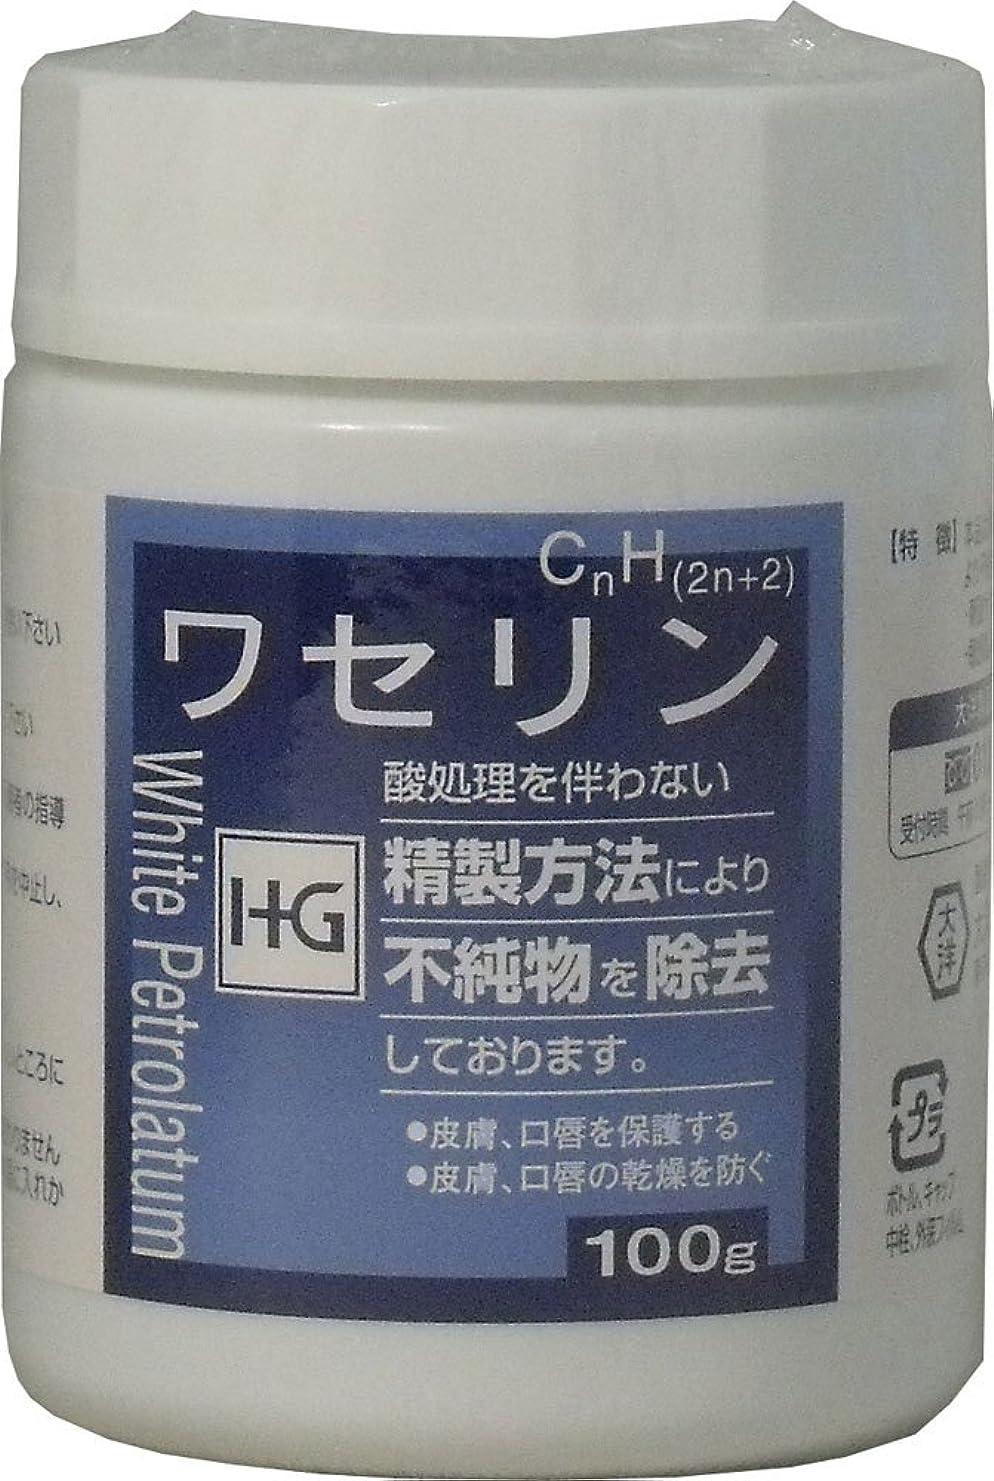 成功想定実質的に皮膚保護 ワセリンHG 100g ×10個セット